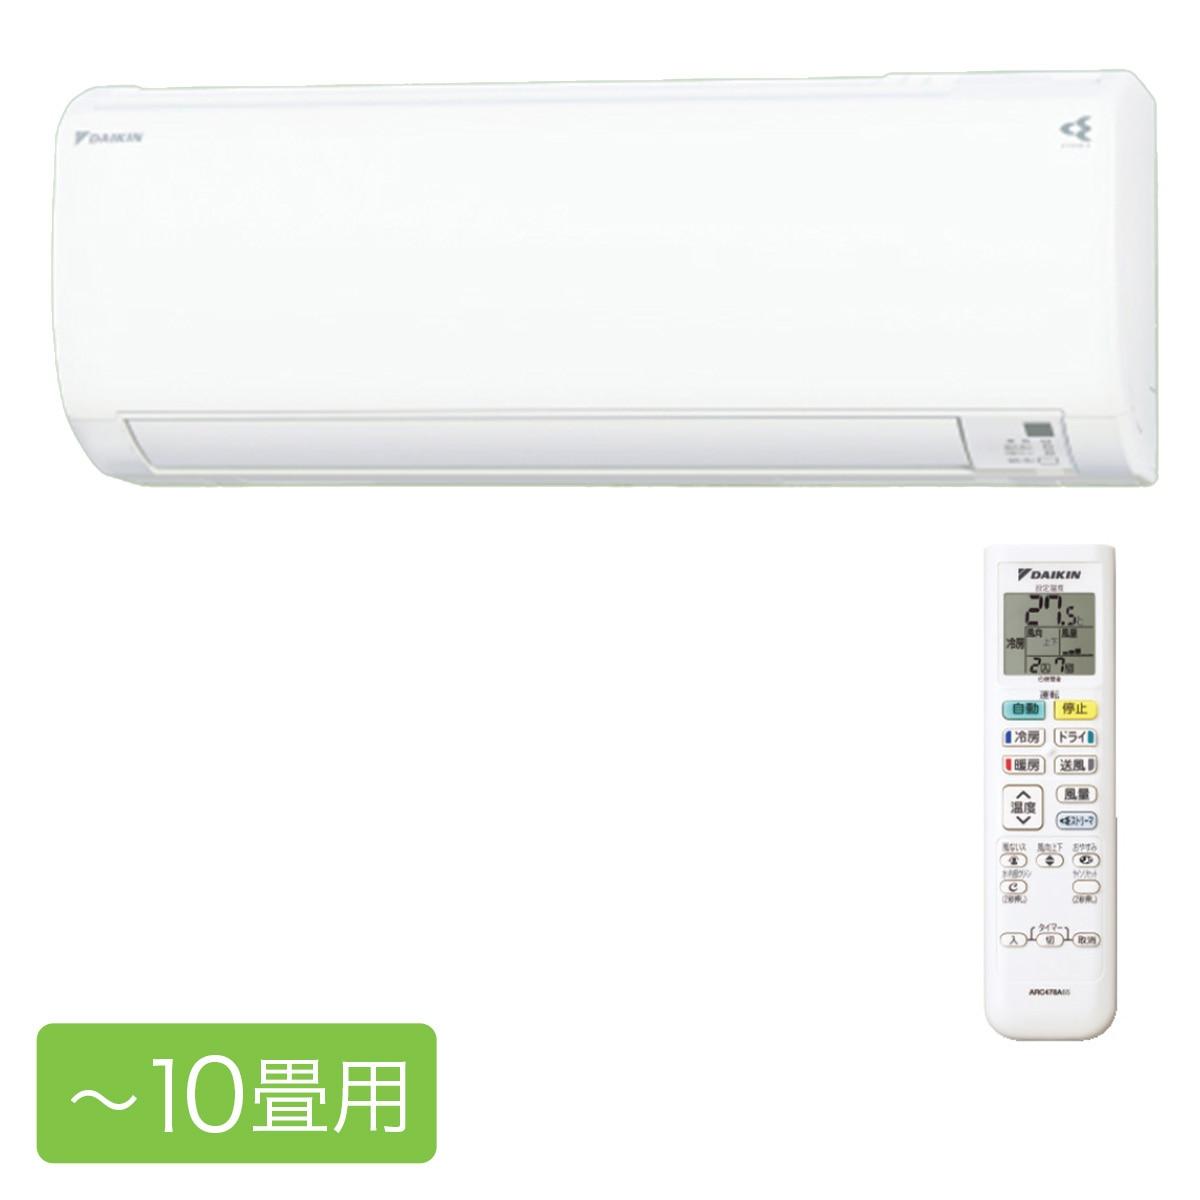 ダイキン Eシリーズ ルームエアコン おもに10畳用【大型商品(設置工事可)】 S28YTES-W